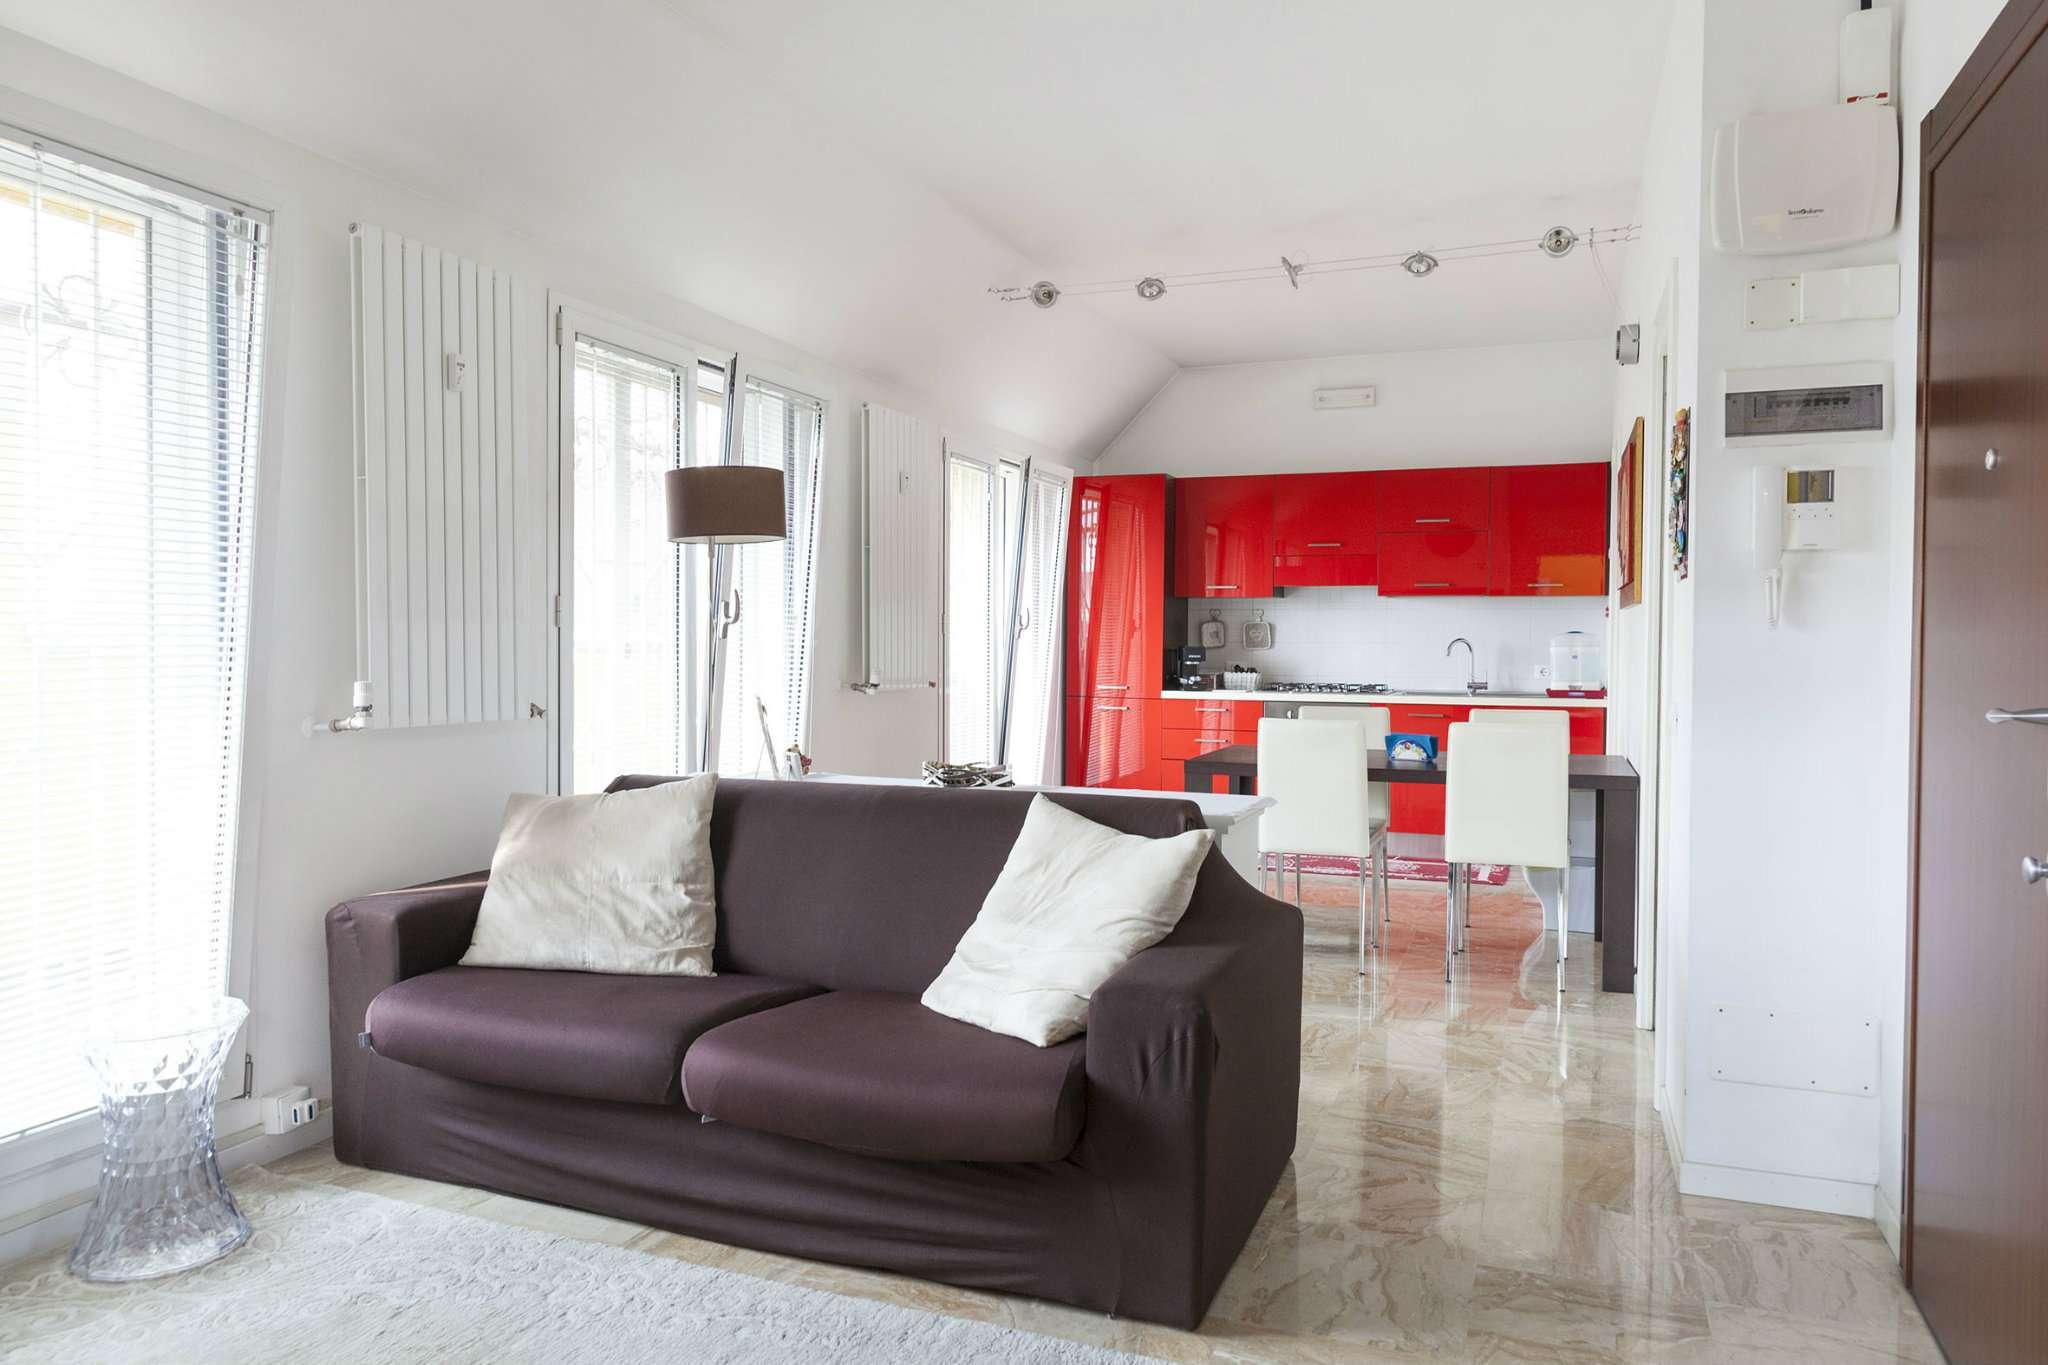 Appartamento in Vendita a Milano 25 Cassala / Famagosta / Lorenteggio / Barona: 2 locali, 80 mq